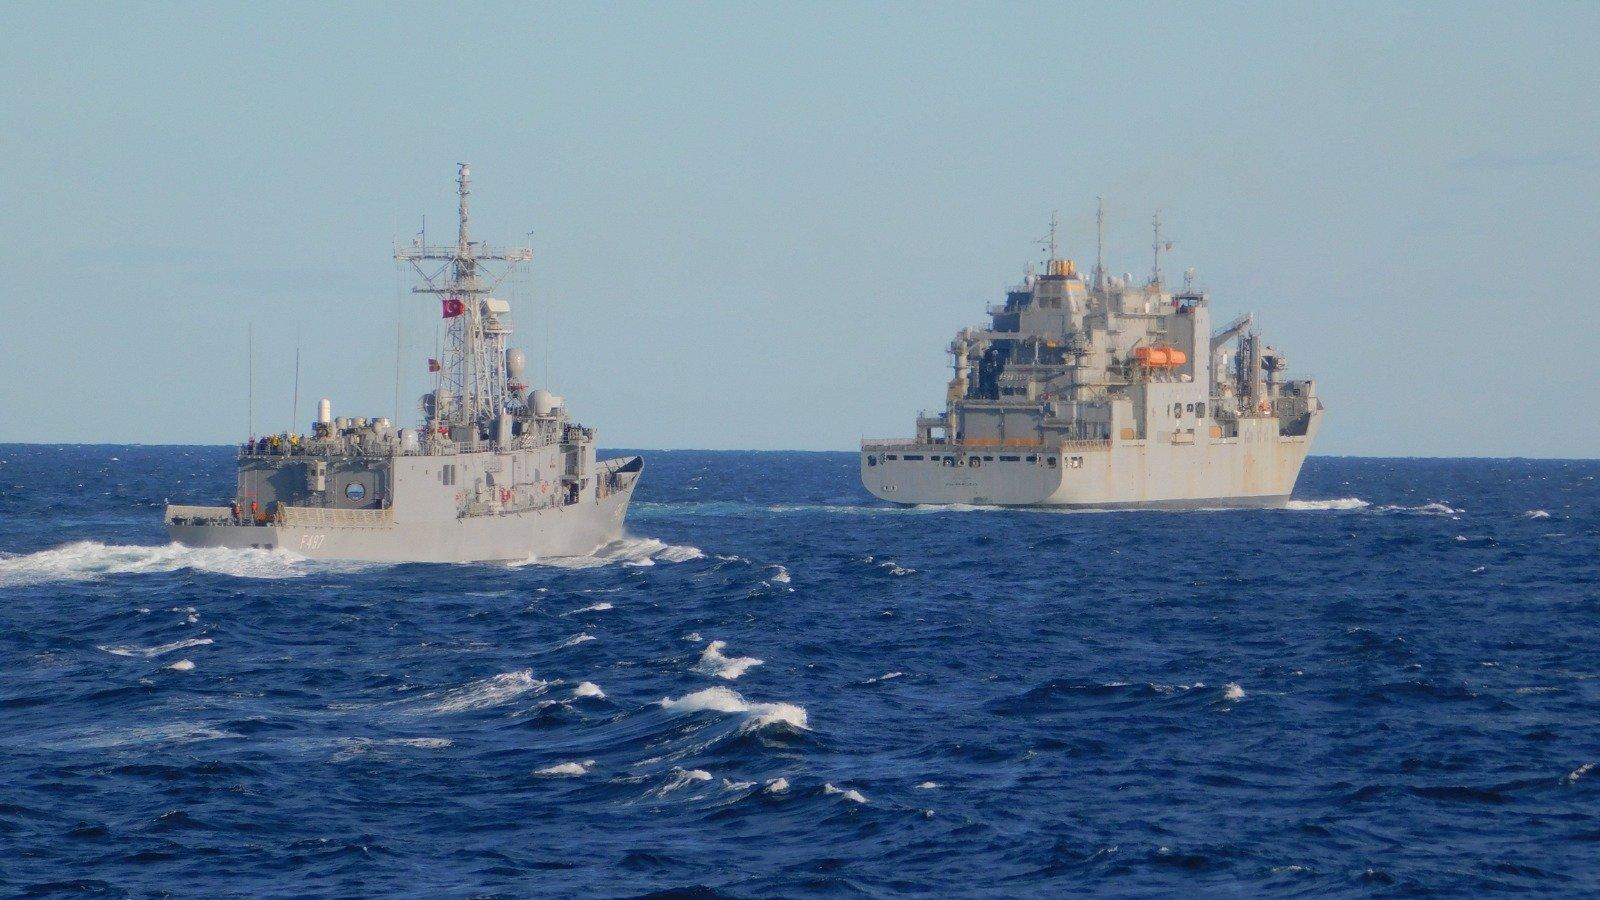 """Δύο τουρκικές φρεγάτες πλησίασαν τις ακτές της Λιβύης – Ποιο είναι το """"σχέδιο"""" της Τουρκίας..;"""